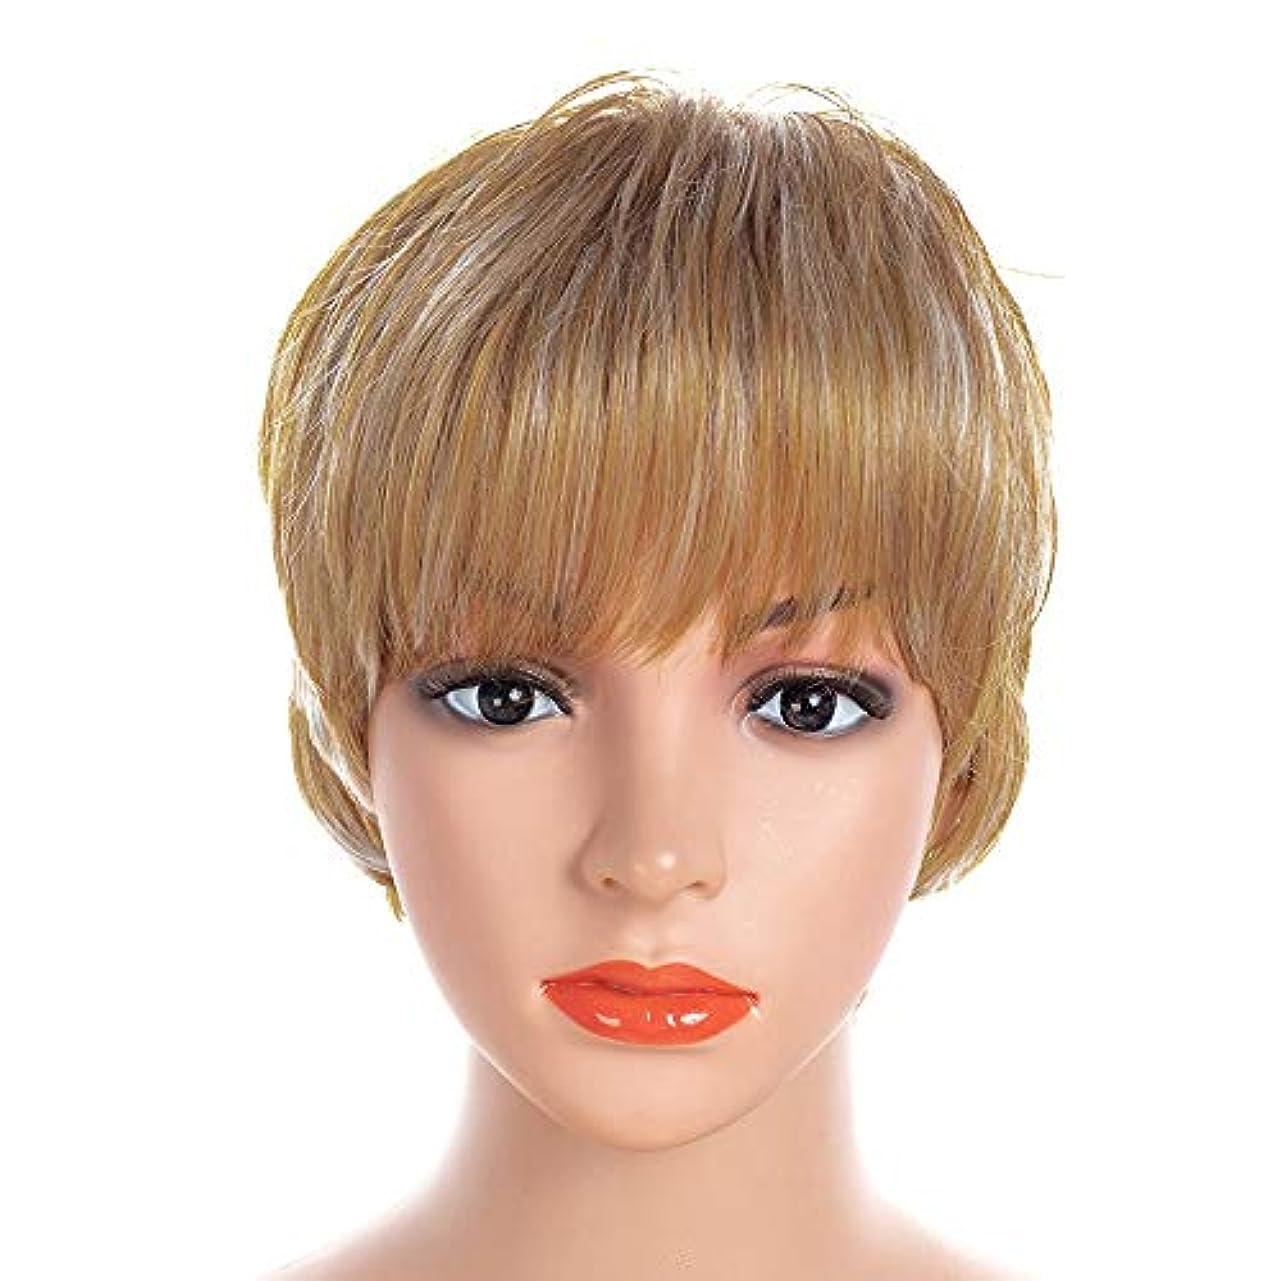 失望外科医母音YOUQIU 上品なボブスタイルCospalyパーティーヘアウィッグかつらでレディースショートカーリーブロンドのかつら (色 : Blonde, サイズ : 30cm)